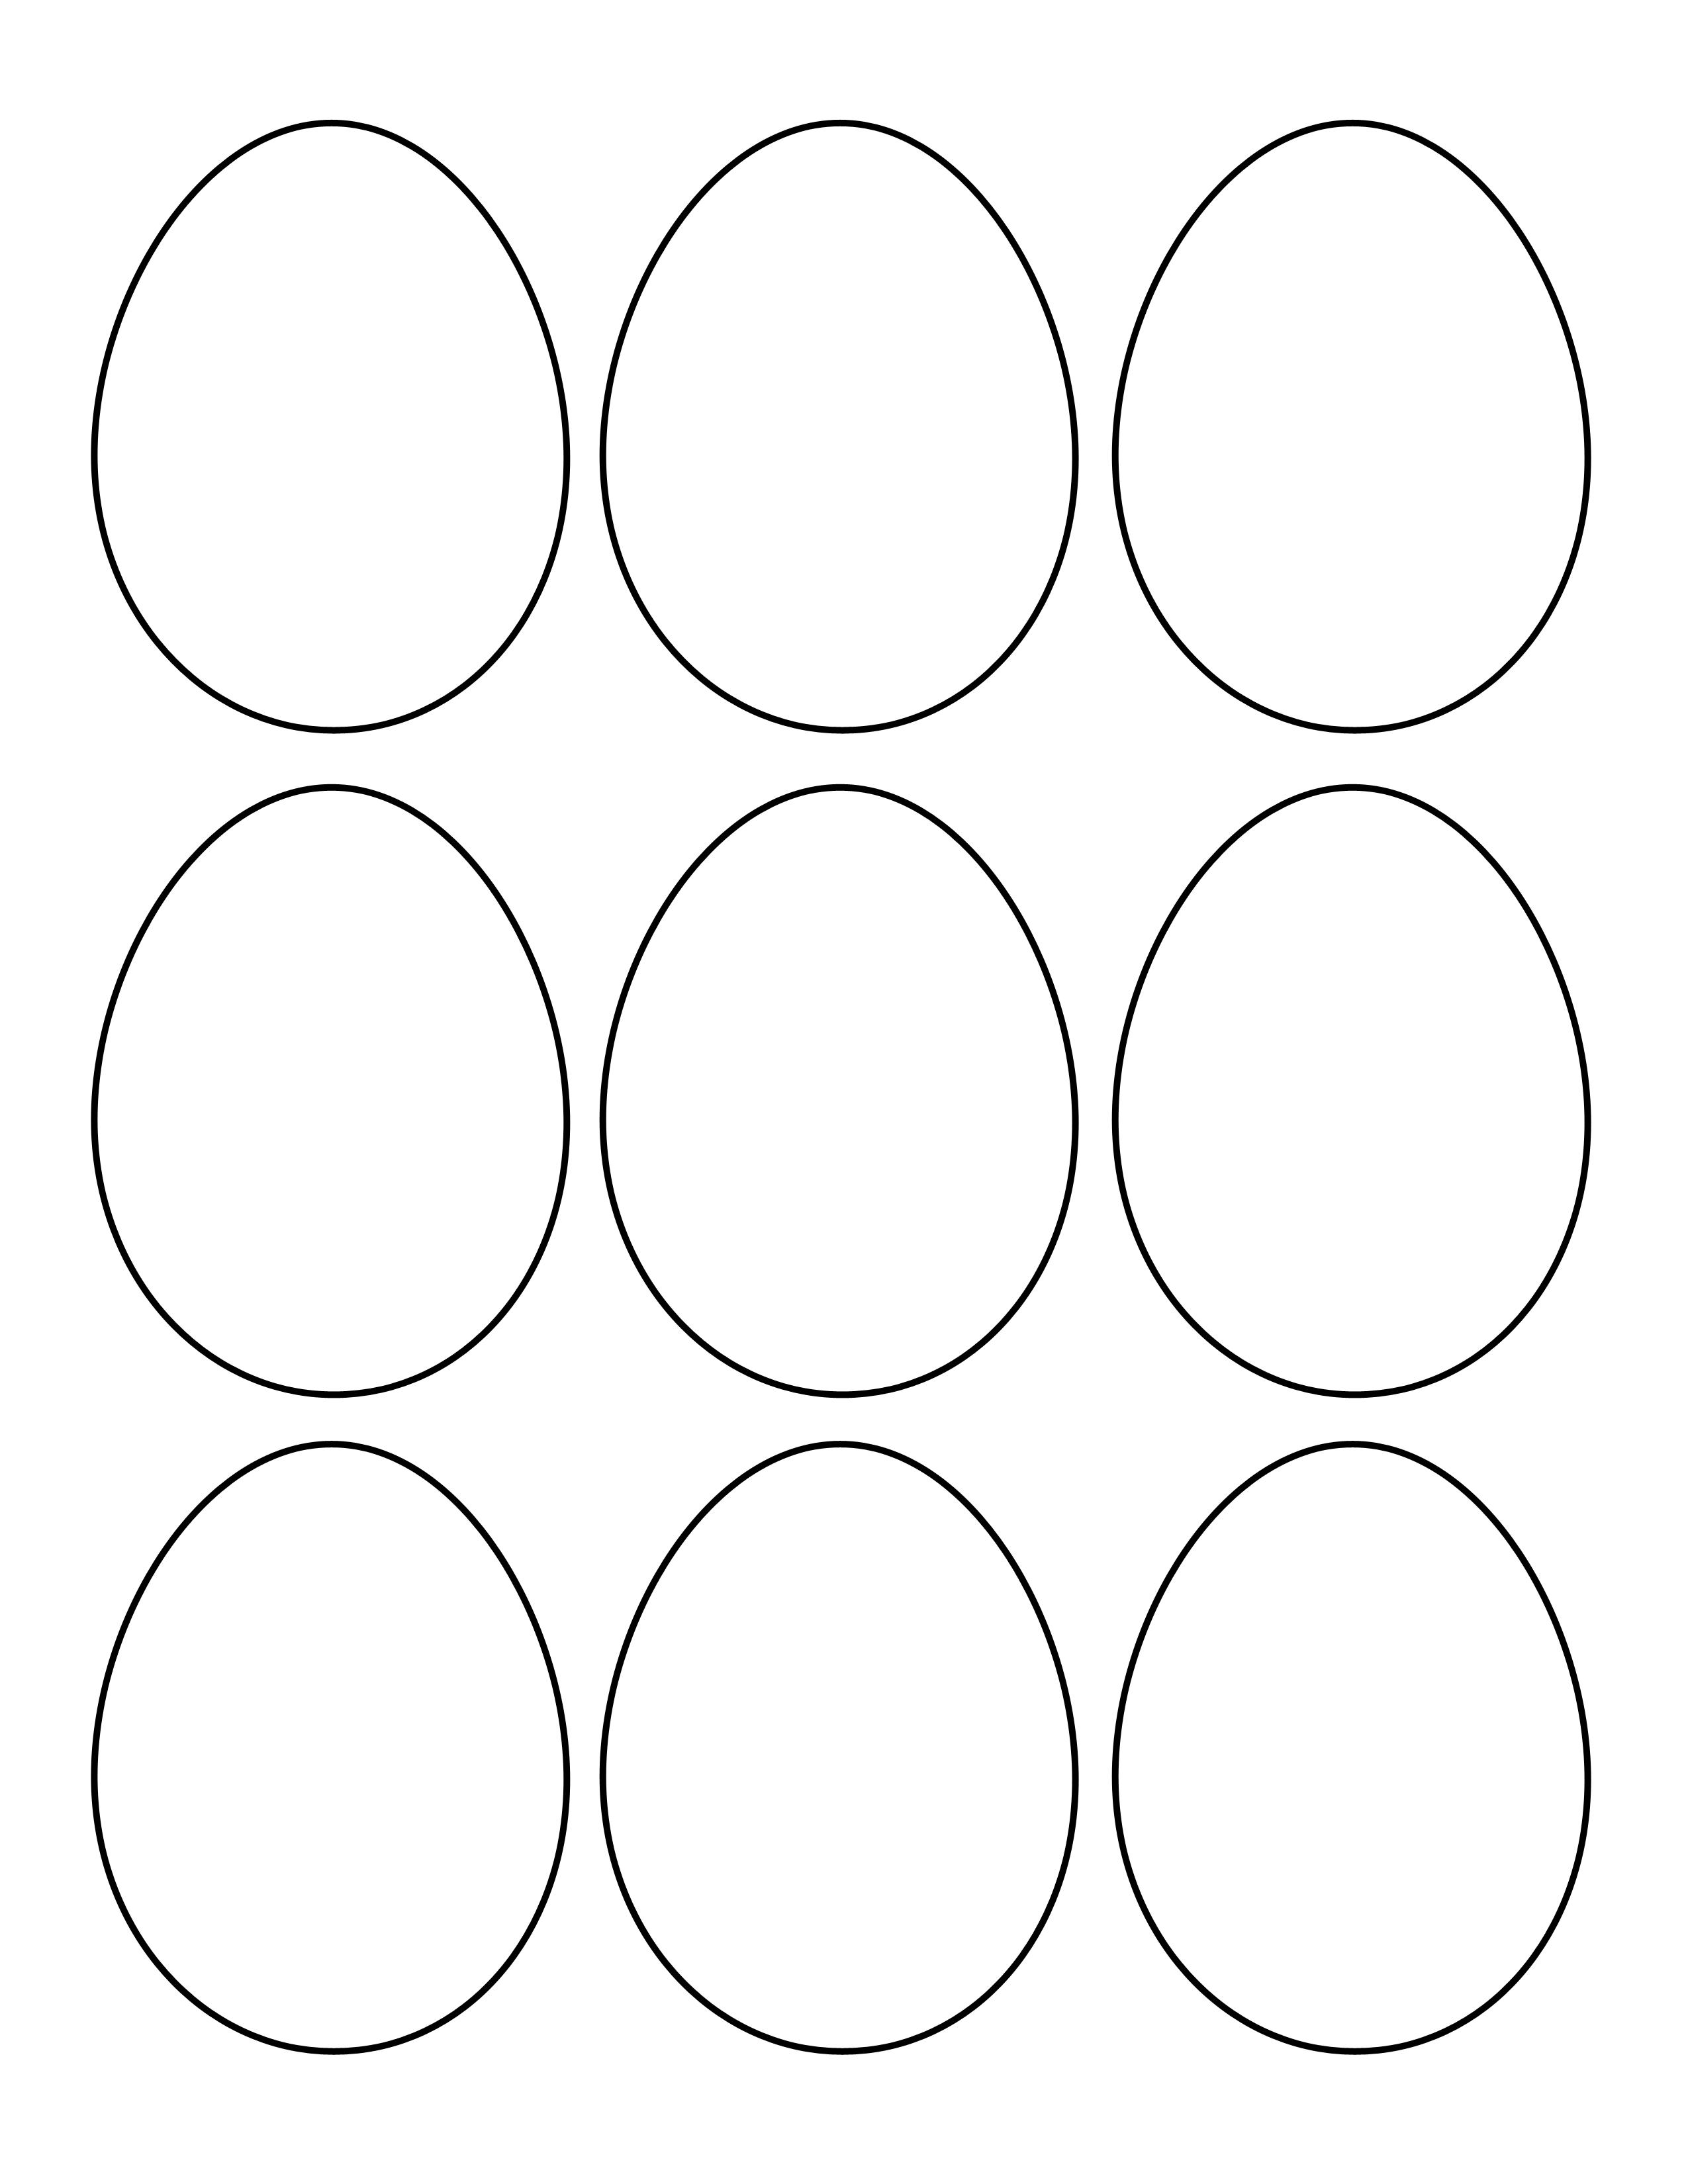 Worksheet For Preschool Egg Shape